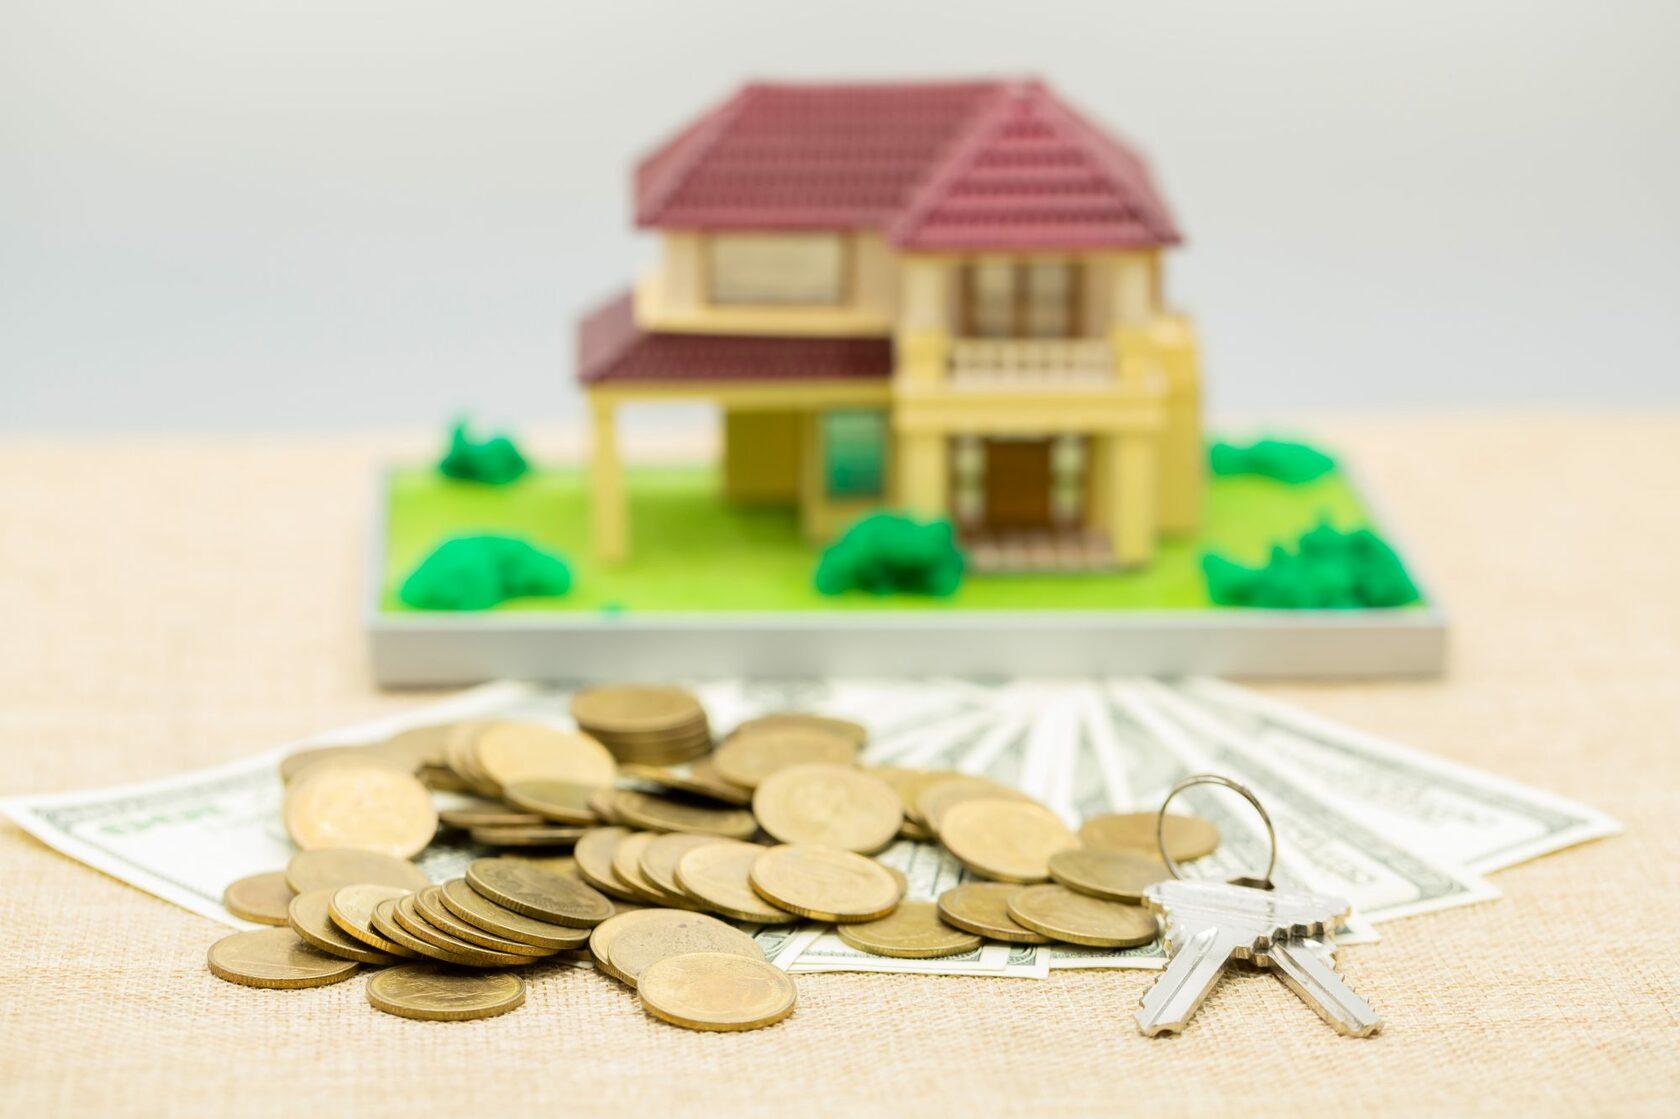 Должен ли покупатель квартиры платить долги предыдущих владельцев. Адвокат Луговой Запорожье. Юридическое бюро Линия права